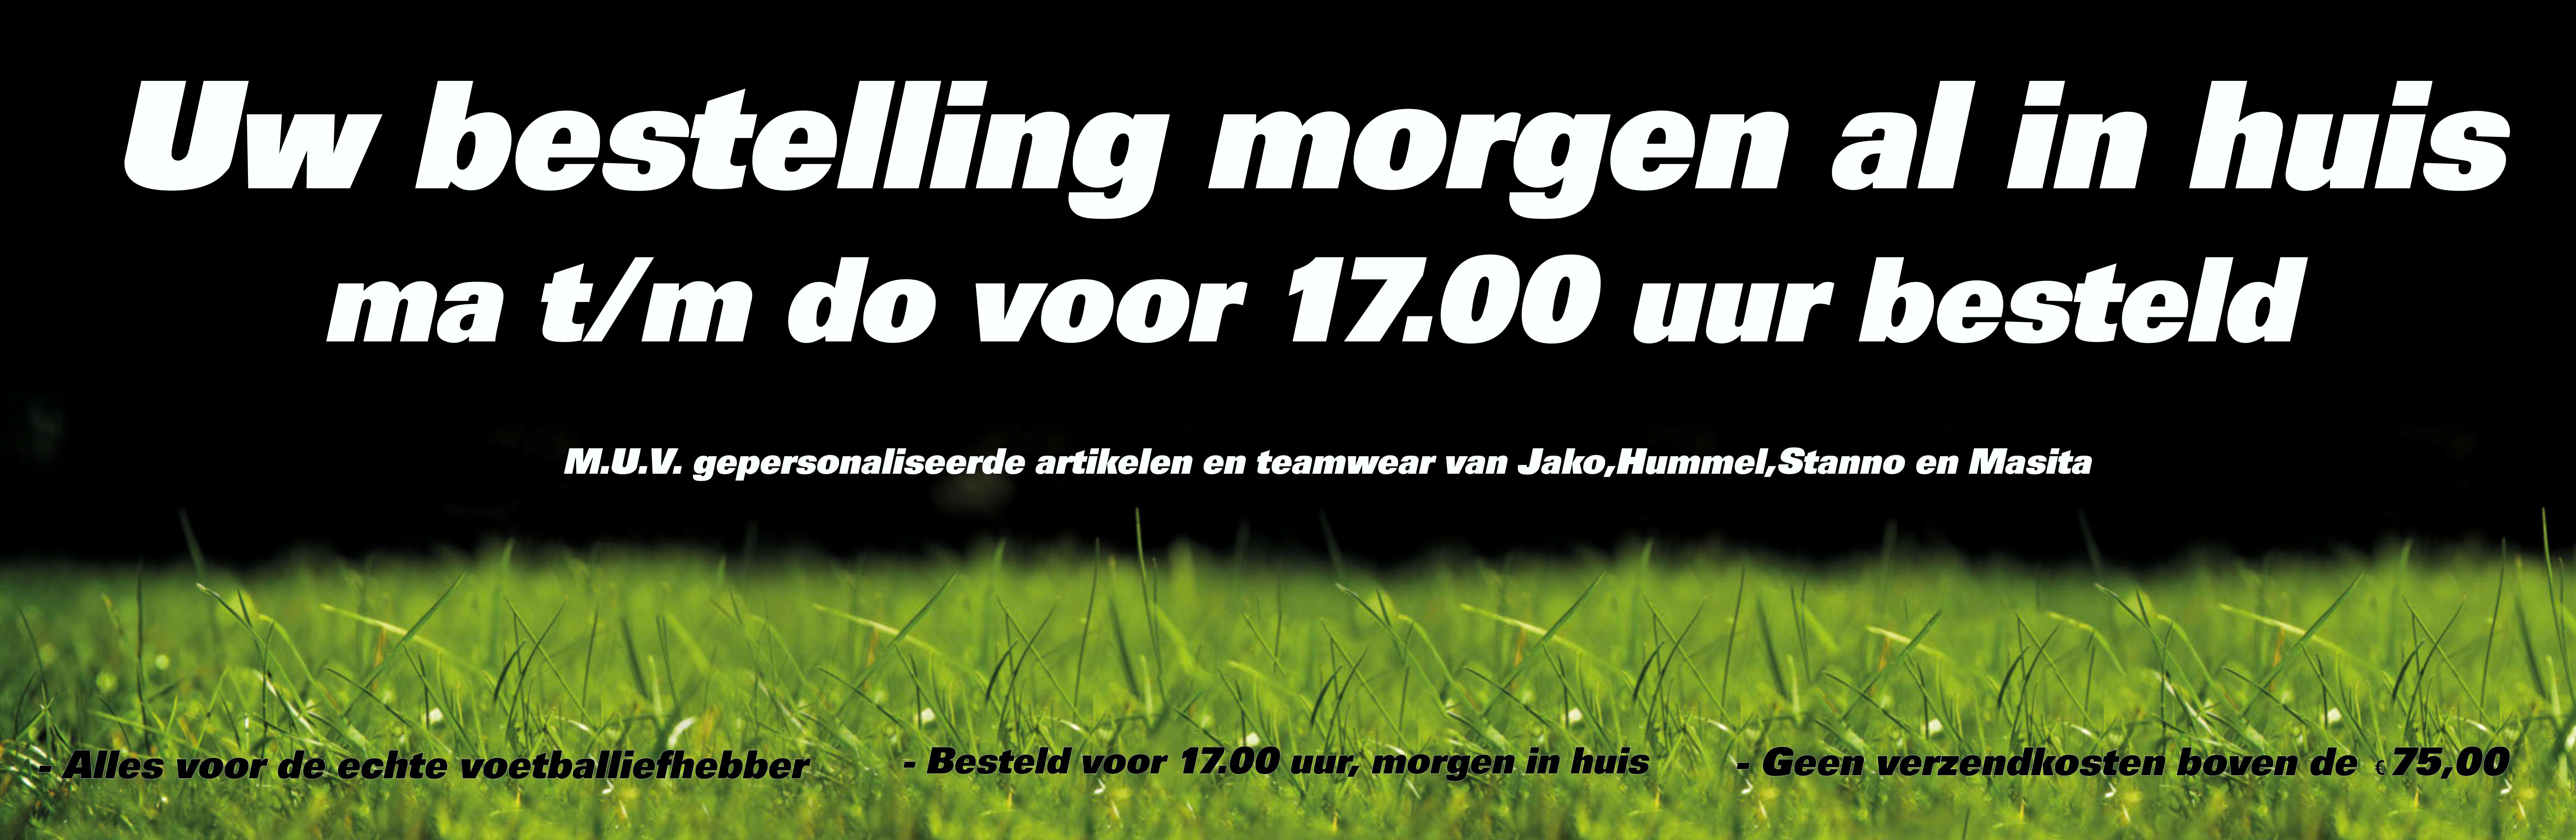 FietsKoeriers.nl